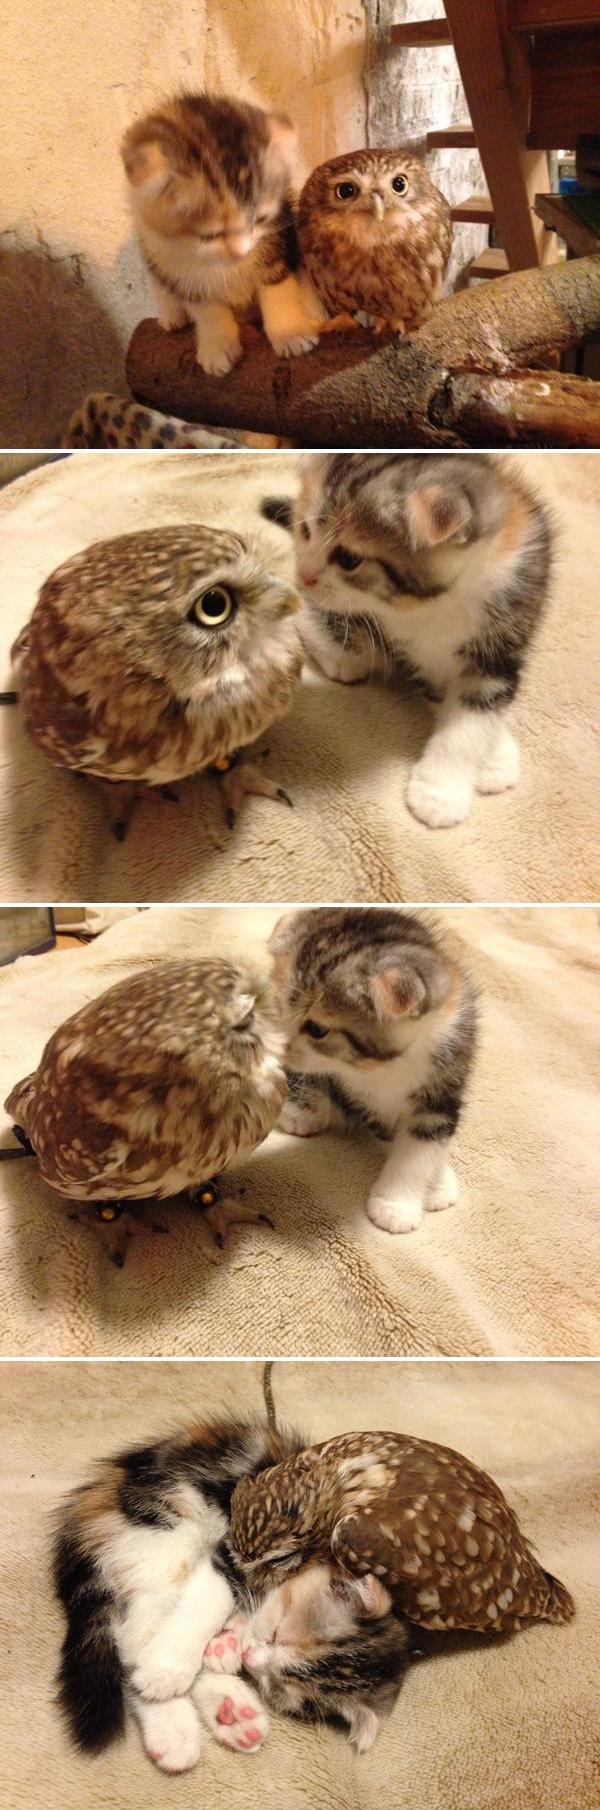 새끼 고양이와 올빼미.jpg